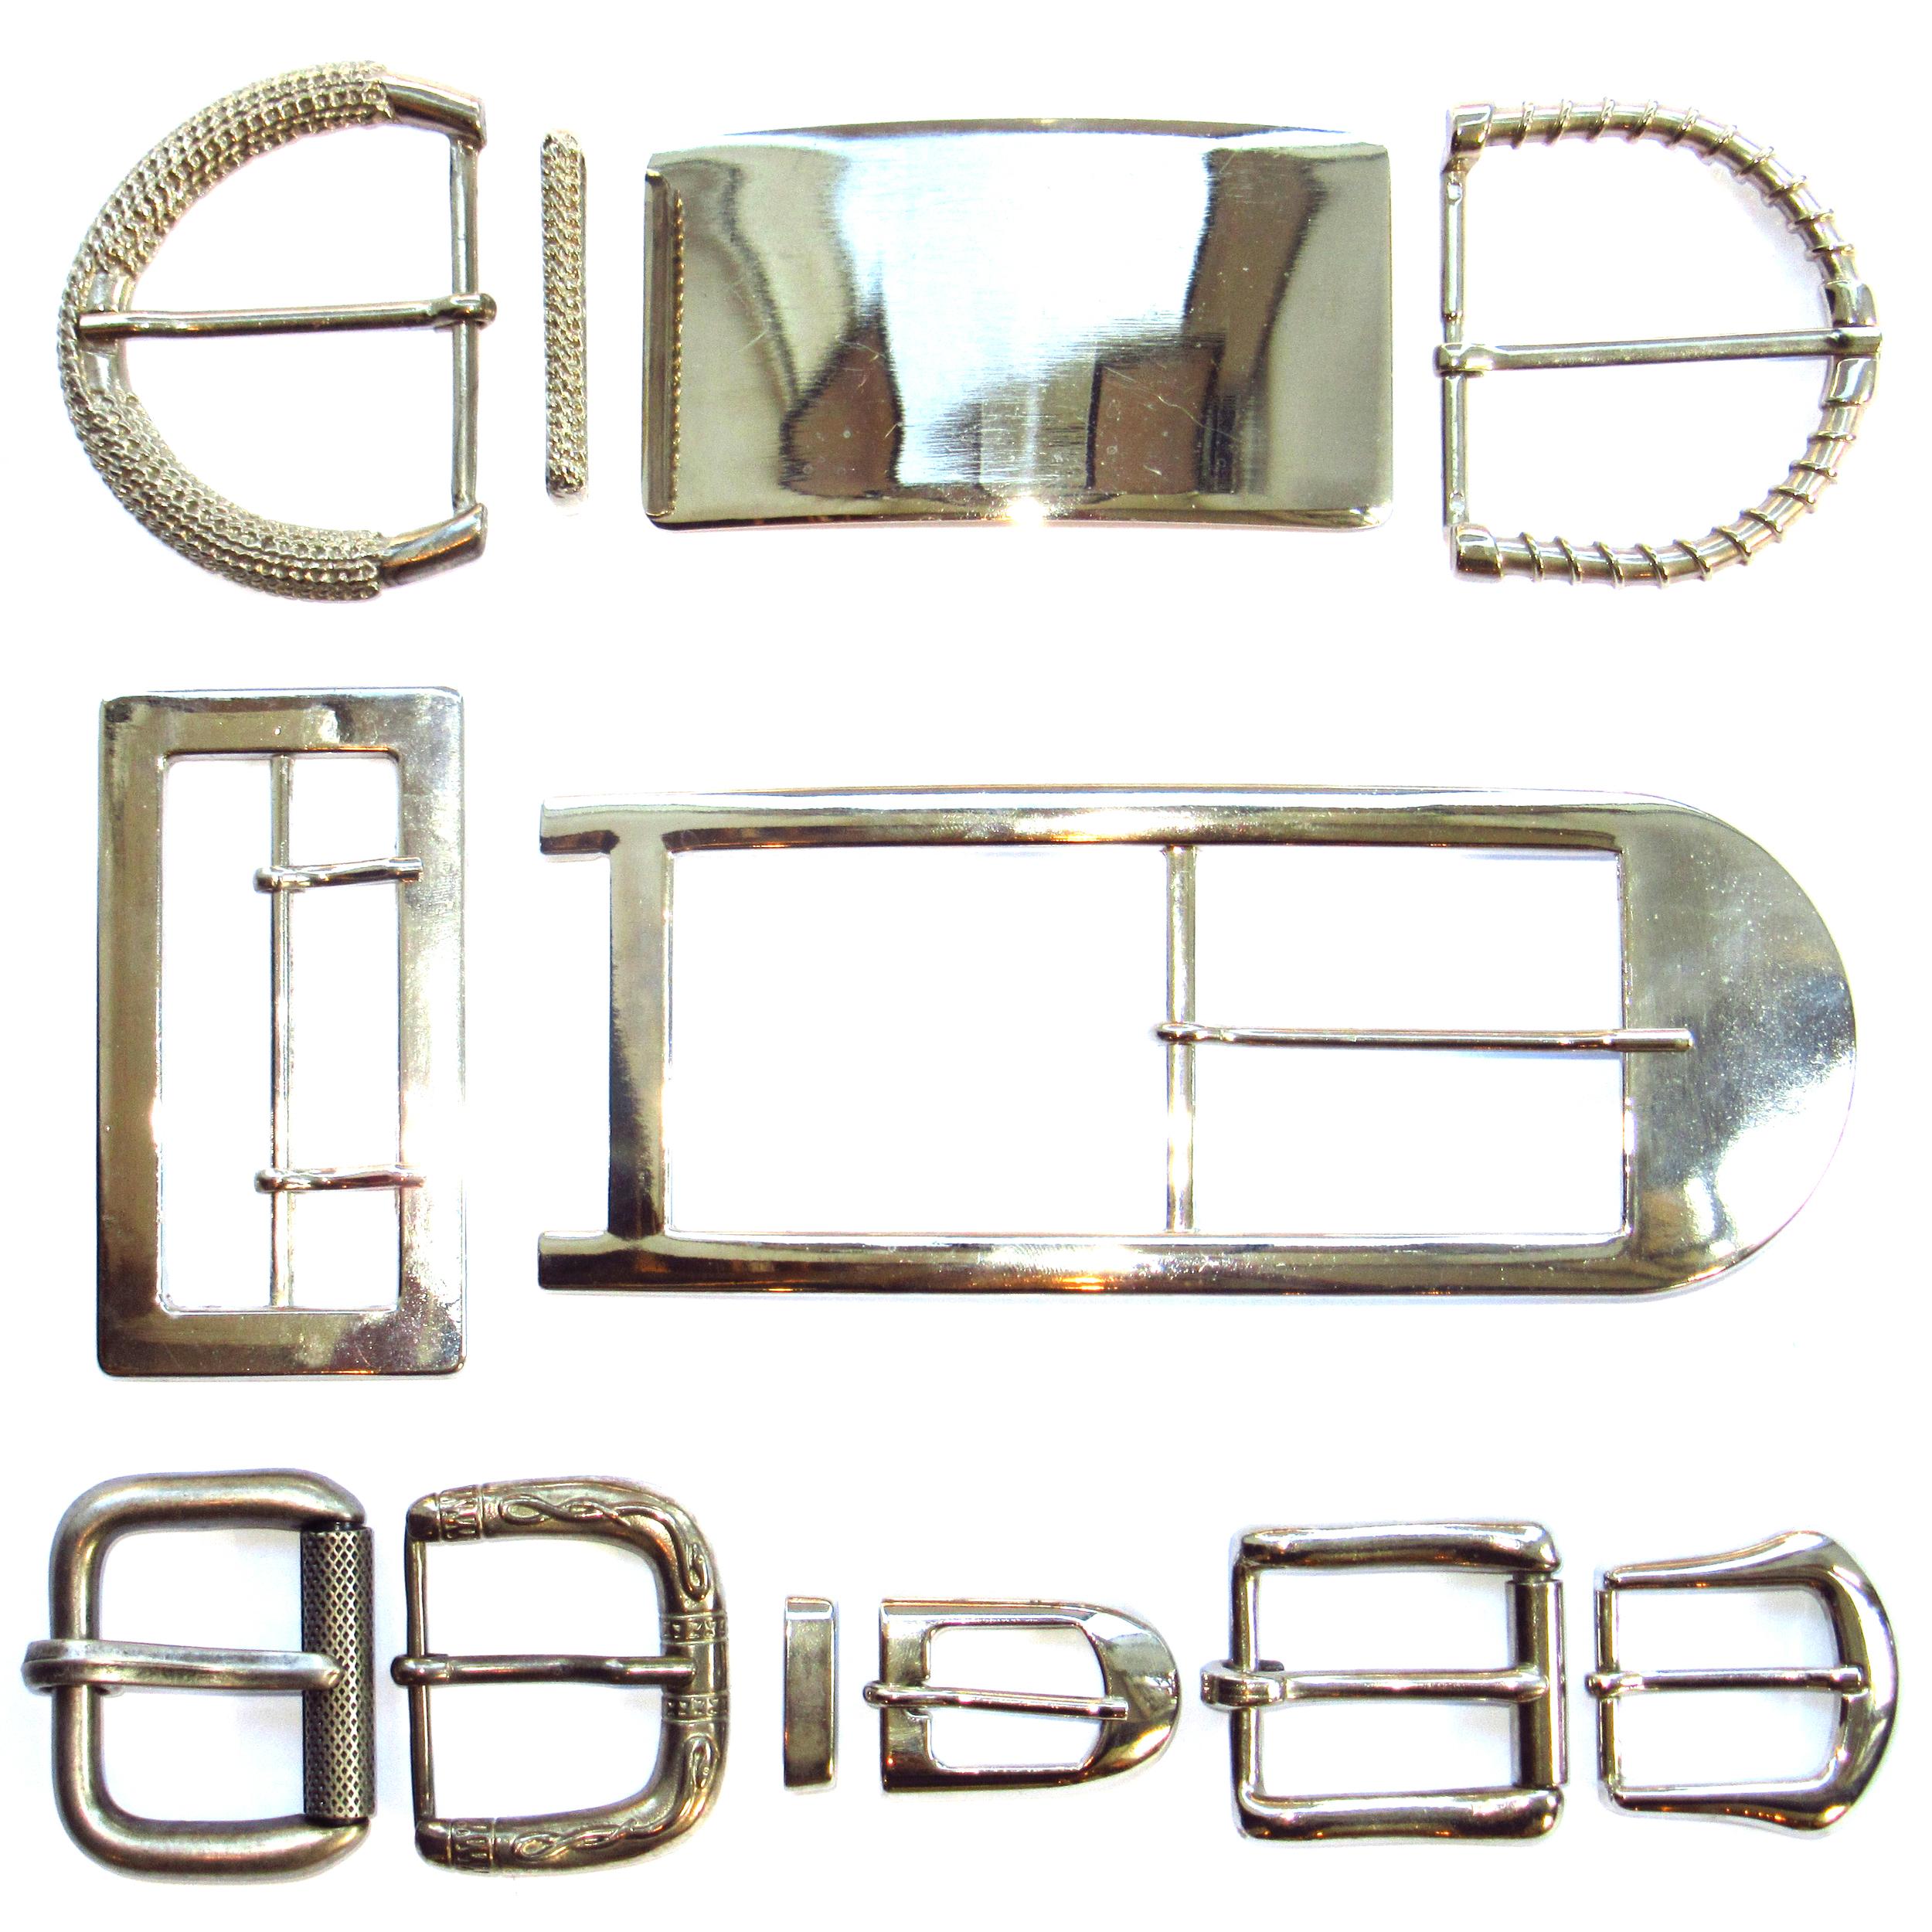 Silver metal Belt Buckles